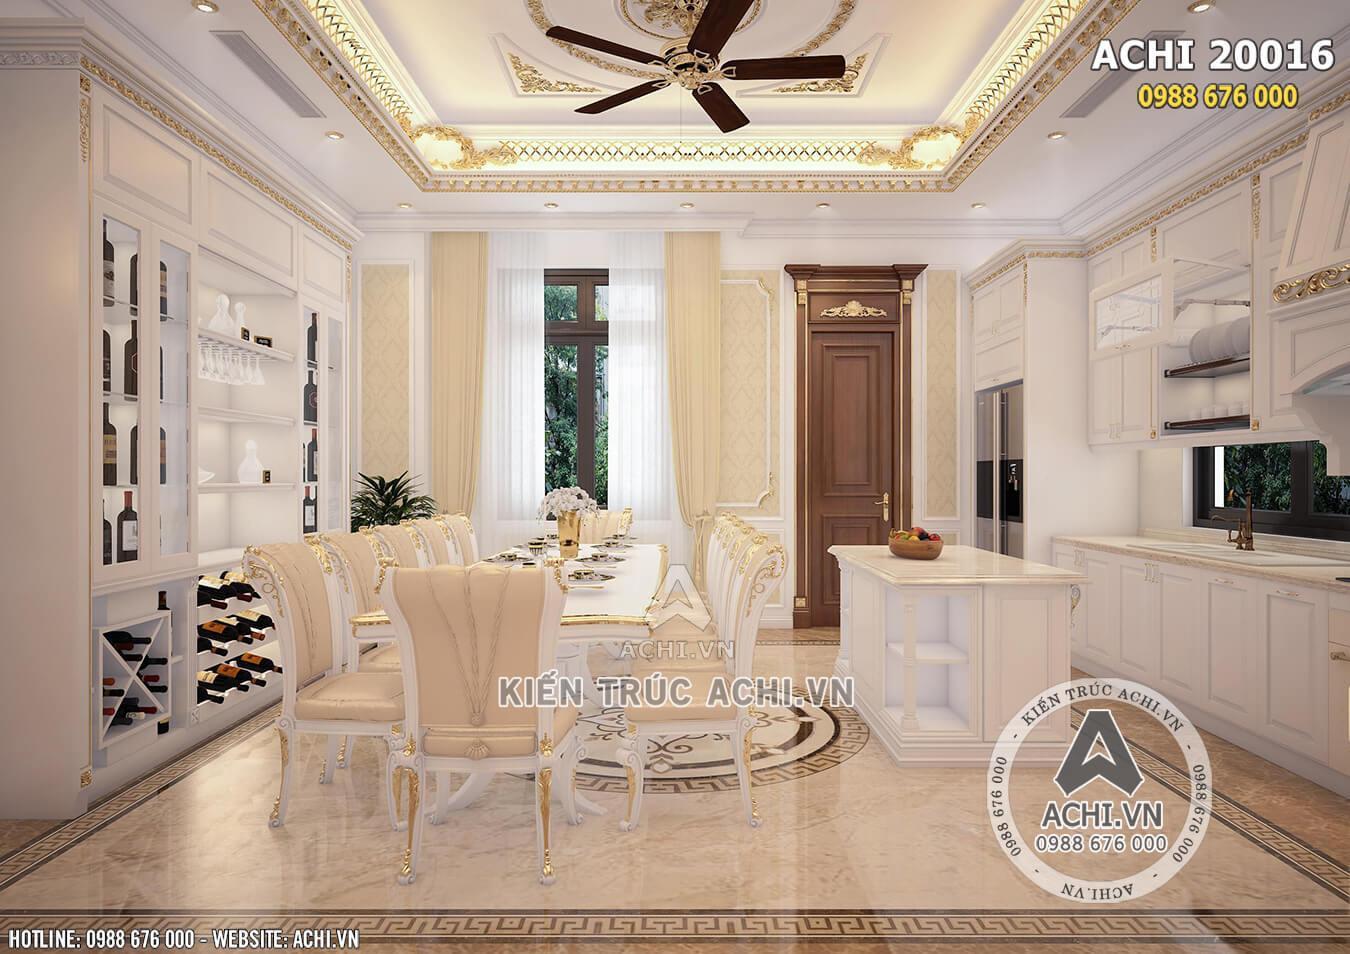 Không gian phòng bếp được bố trí tiện nghi, thoải mái và sang trọng